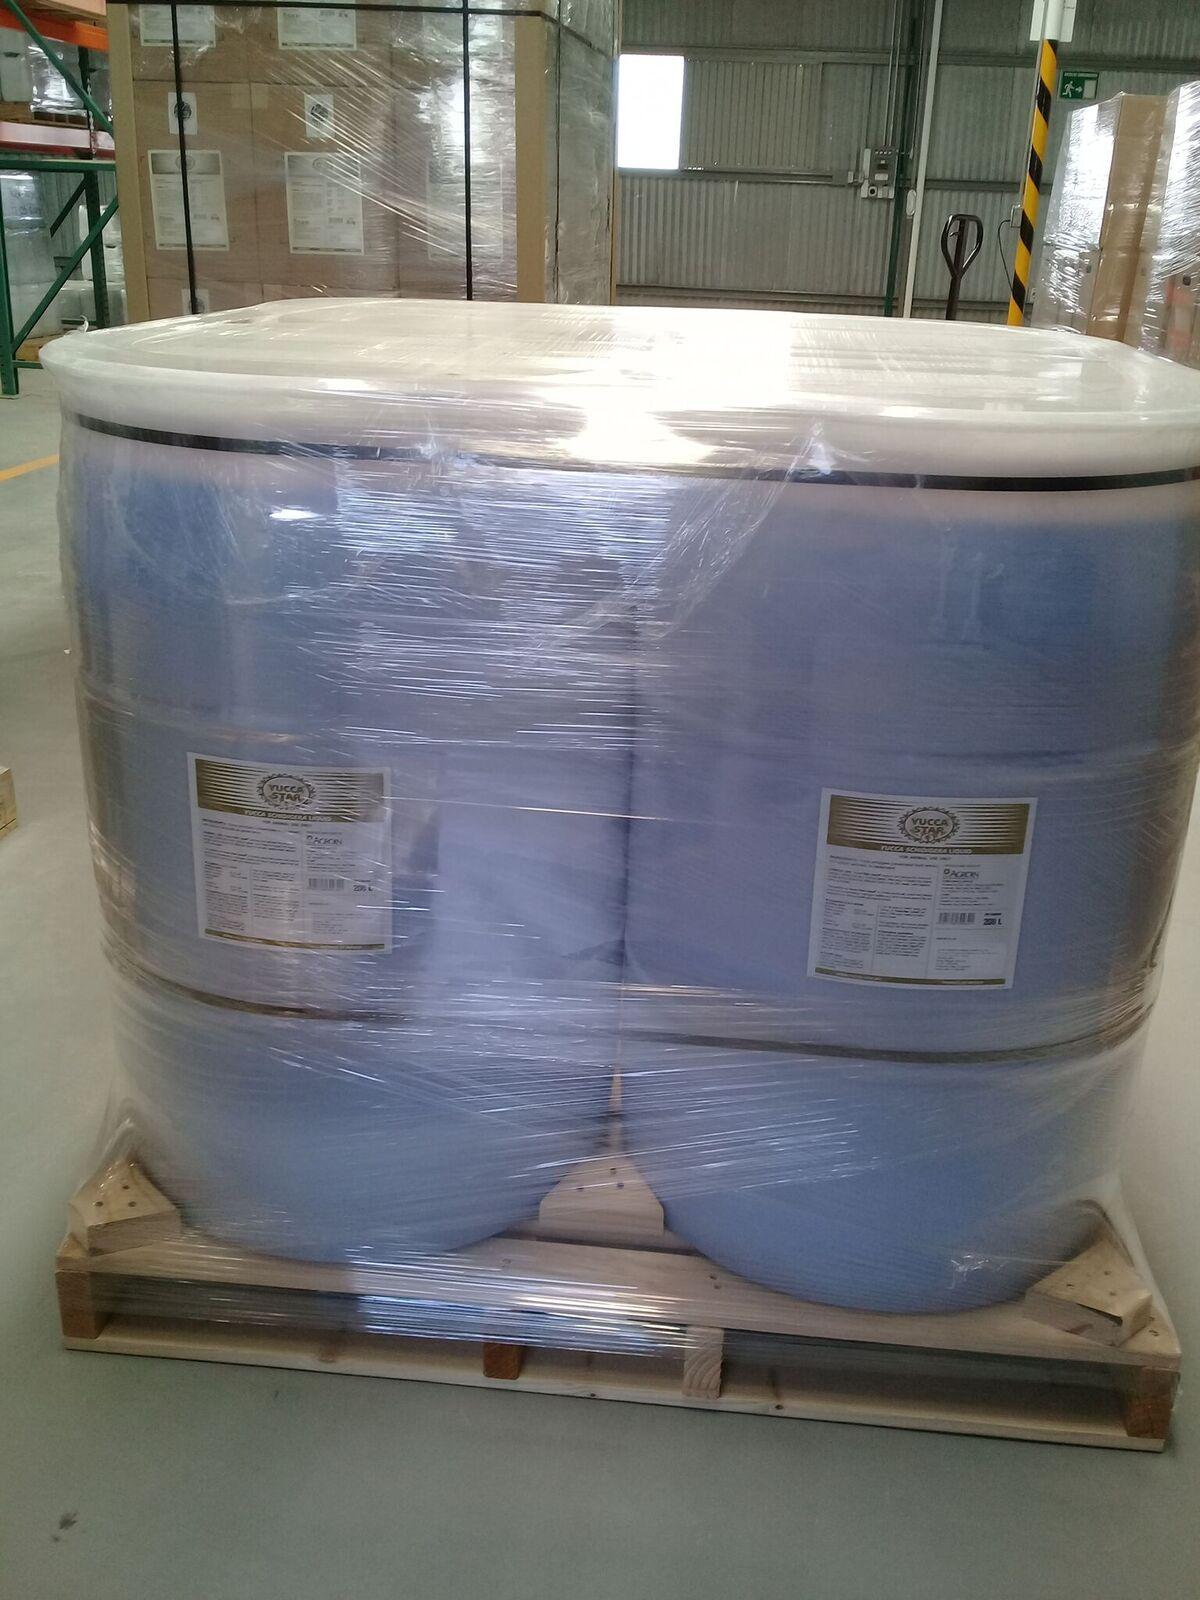 EDTA 2 muối, 4 muối, yucca bột, yucca nước, iodine, bkc, soda nóng, soda lạnh, thiosulfat, khoáng tạt, khoáng trộn,...dùng trong thú y thủy sản